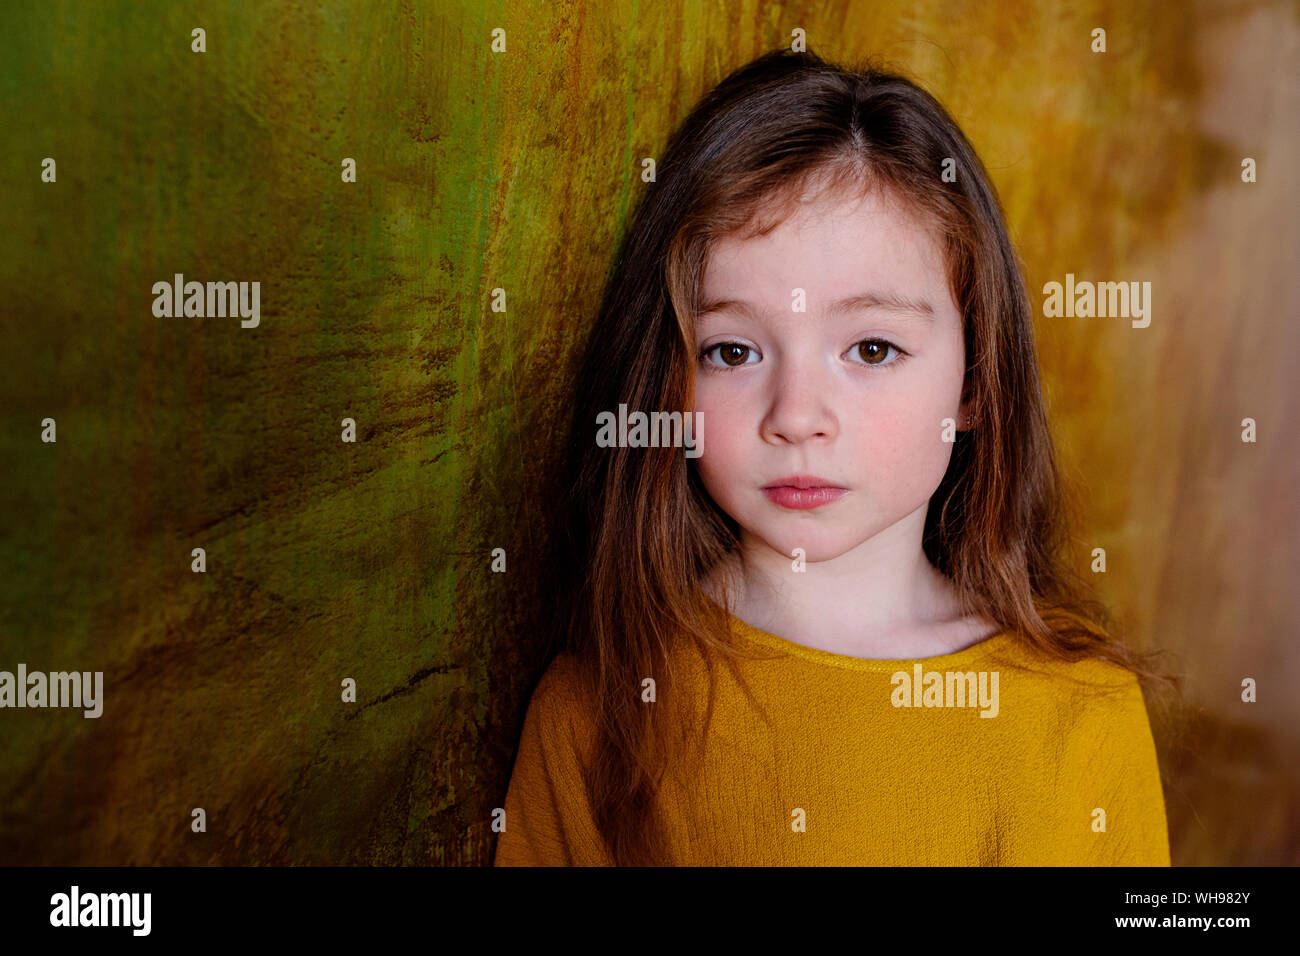 Portrait de petite fille aux longs cheveux bruns Banque D'Images